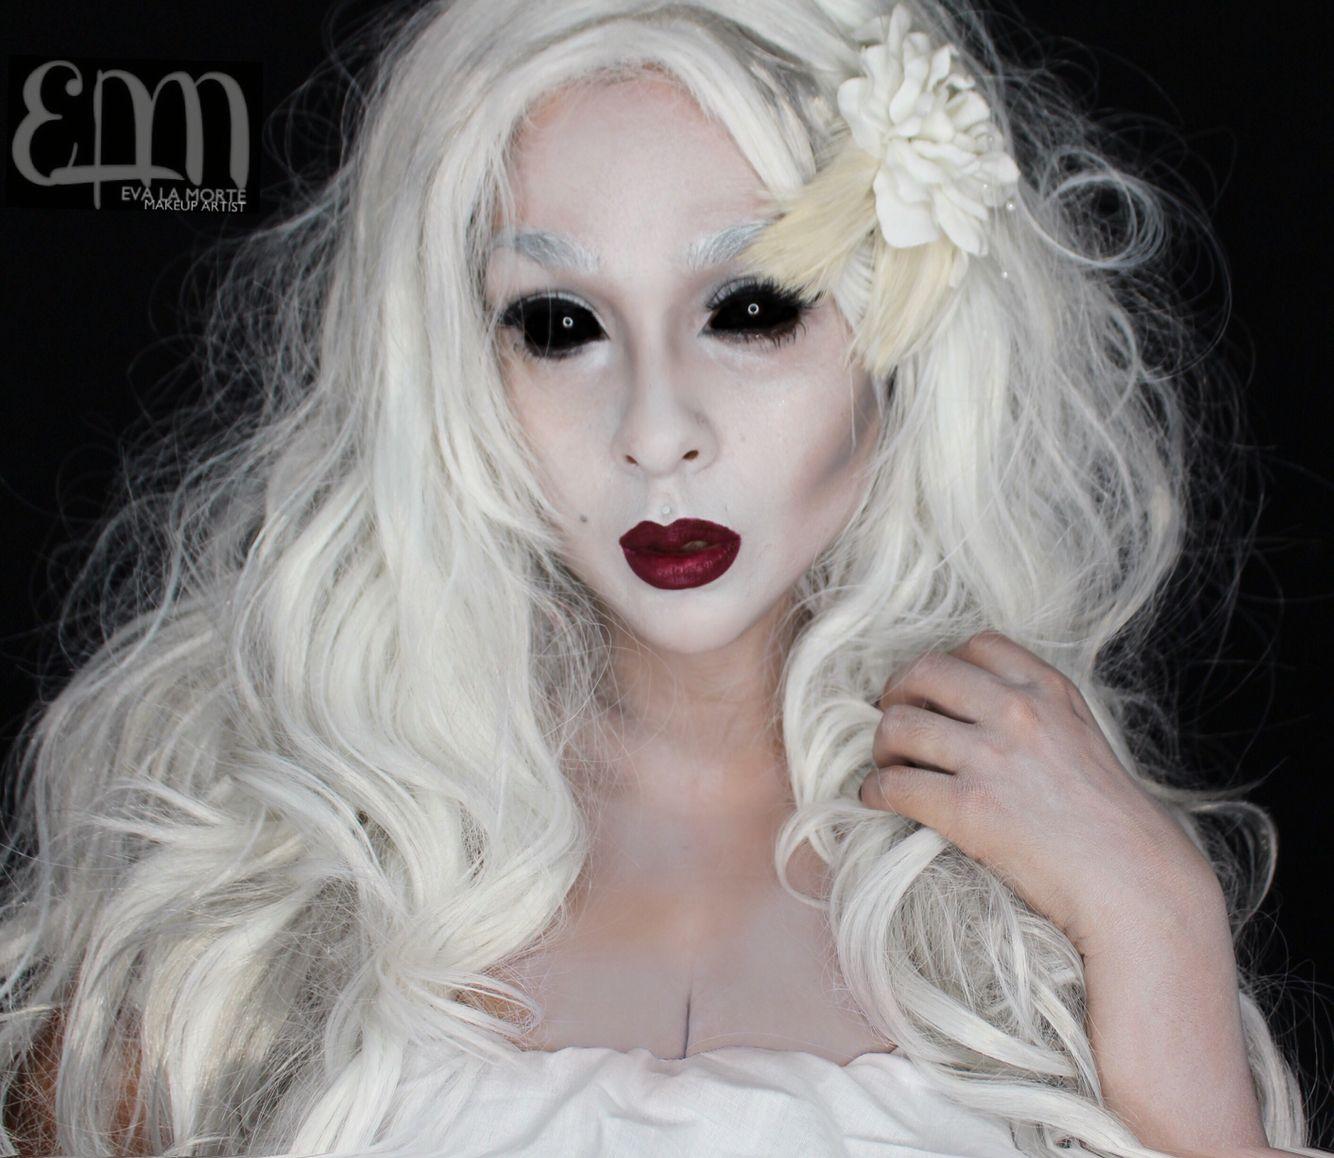 Ghost makeup, beautiful ghost makeup. Ghost. Mua: Eva lamorte ...